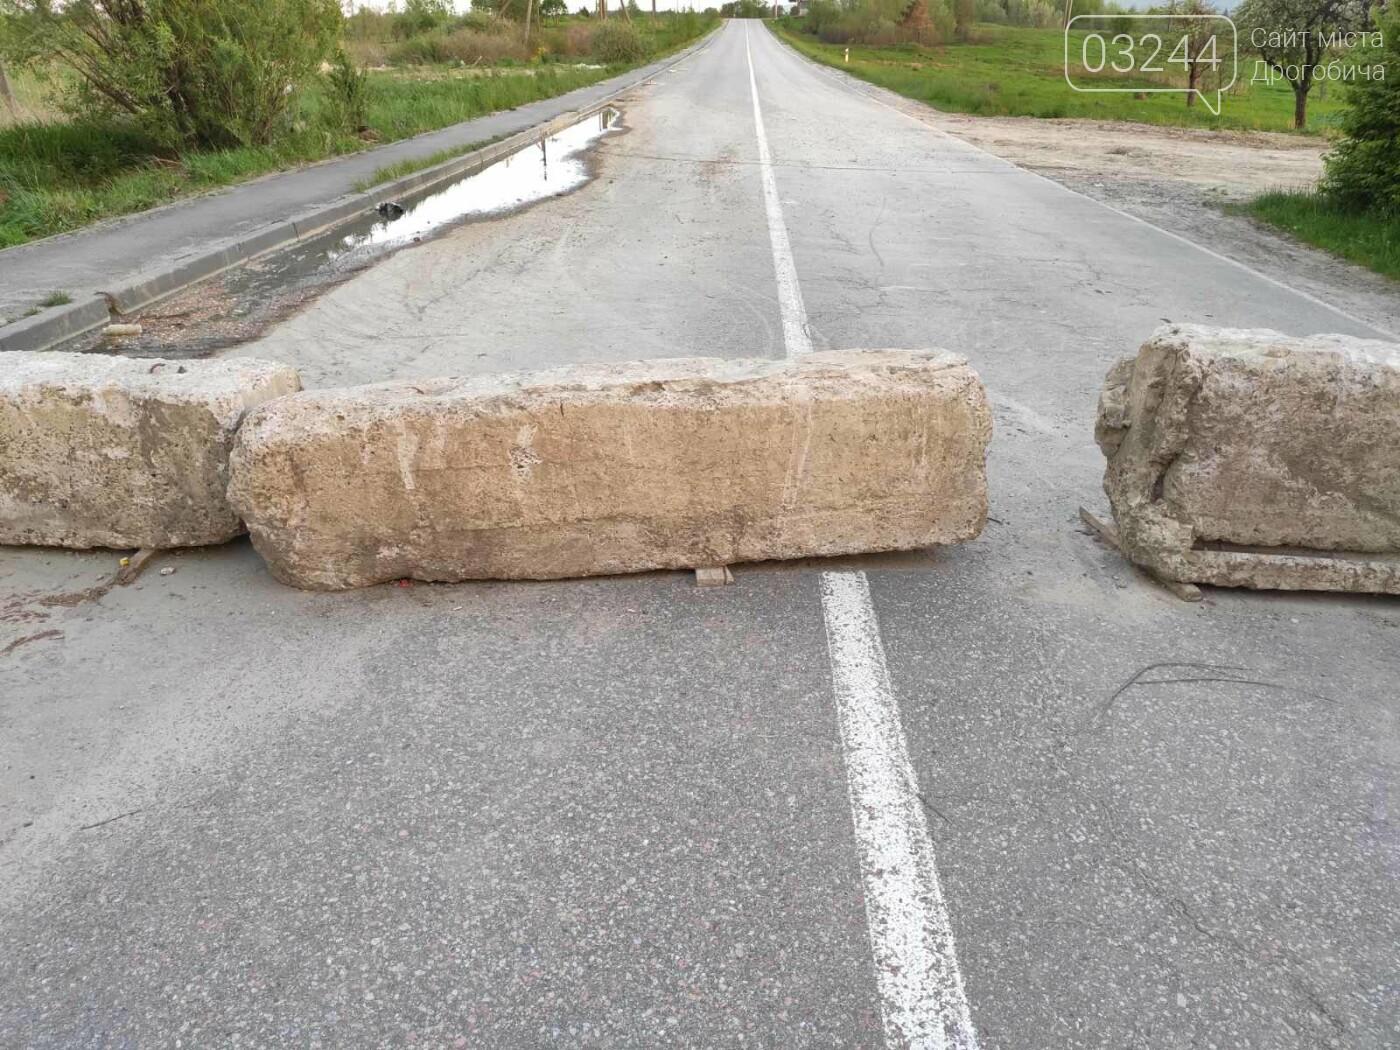 Проїзду немає! На дорозі Дрогобич - Трускавець закрили шлагбаум, - ФОТО, фото-5